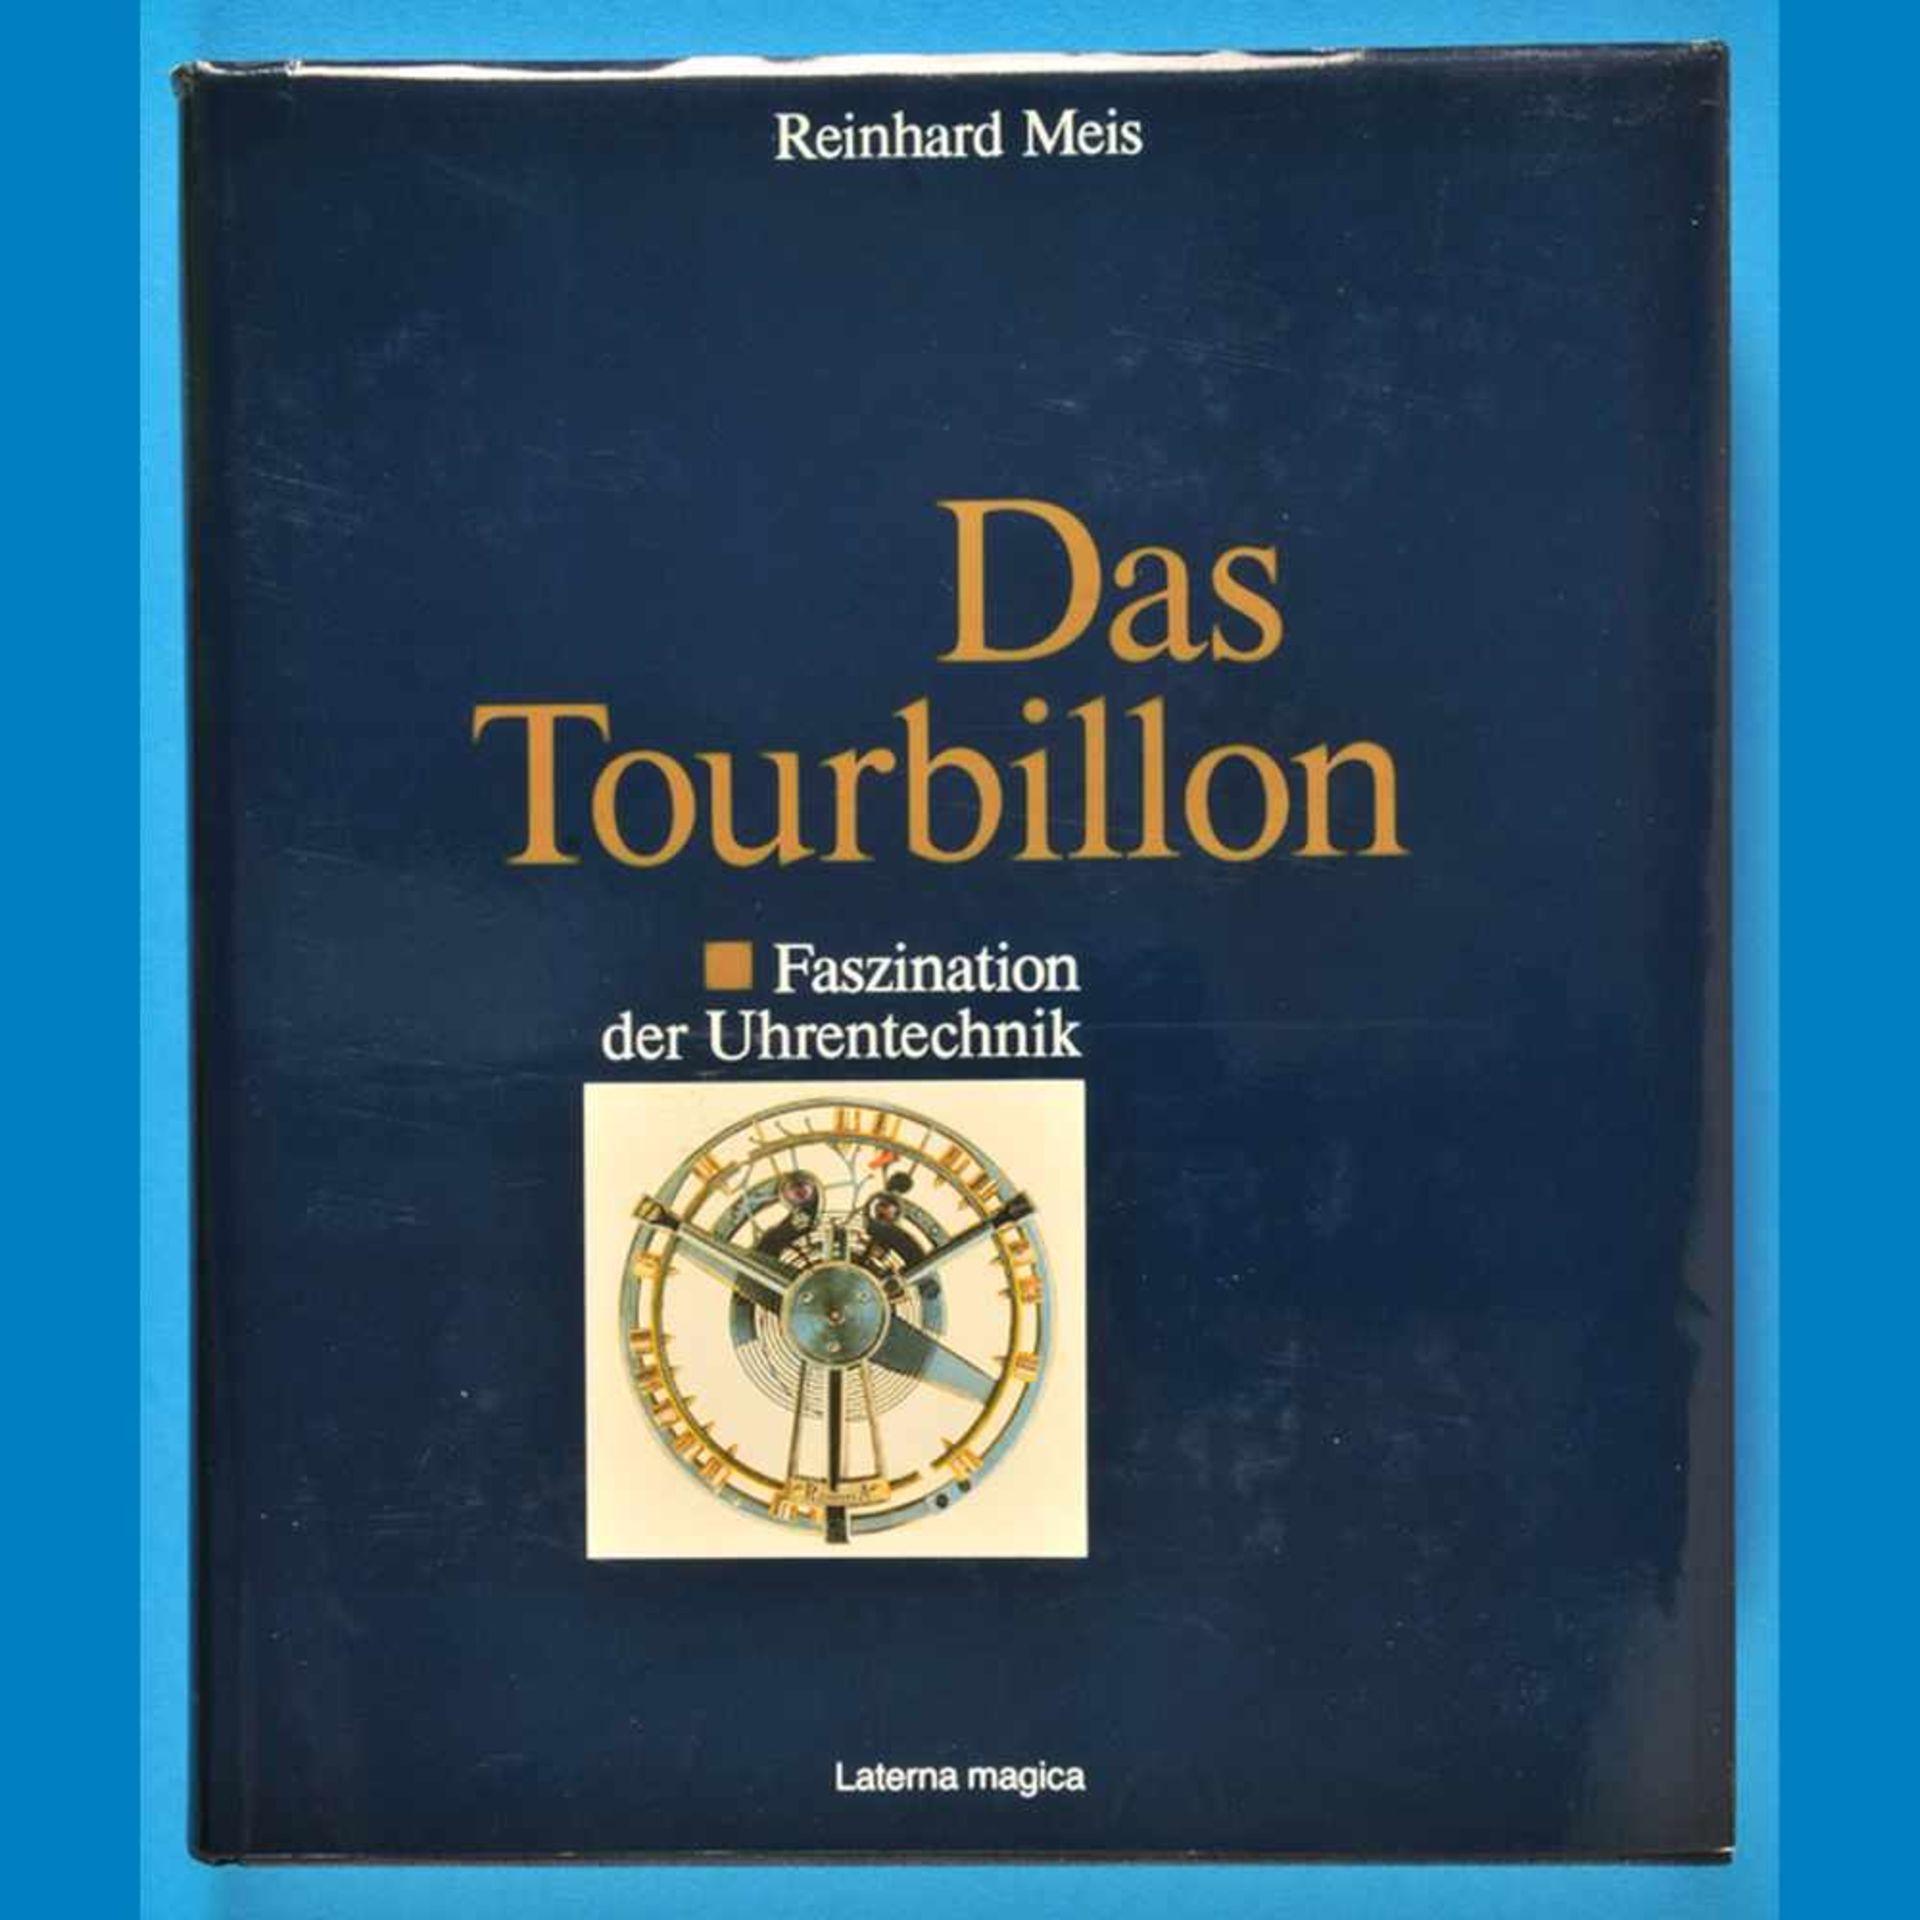 Reinhard Meis, Das Tourbillon - Faszination der Uhrentechnik, 1986Reinhard Meis, Das Tourbi